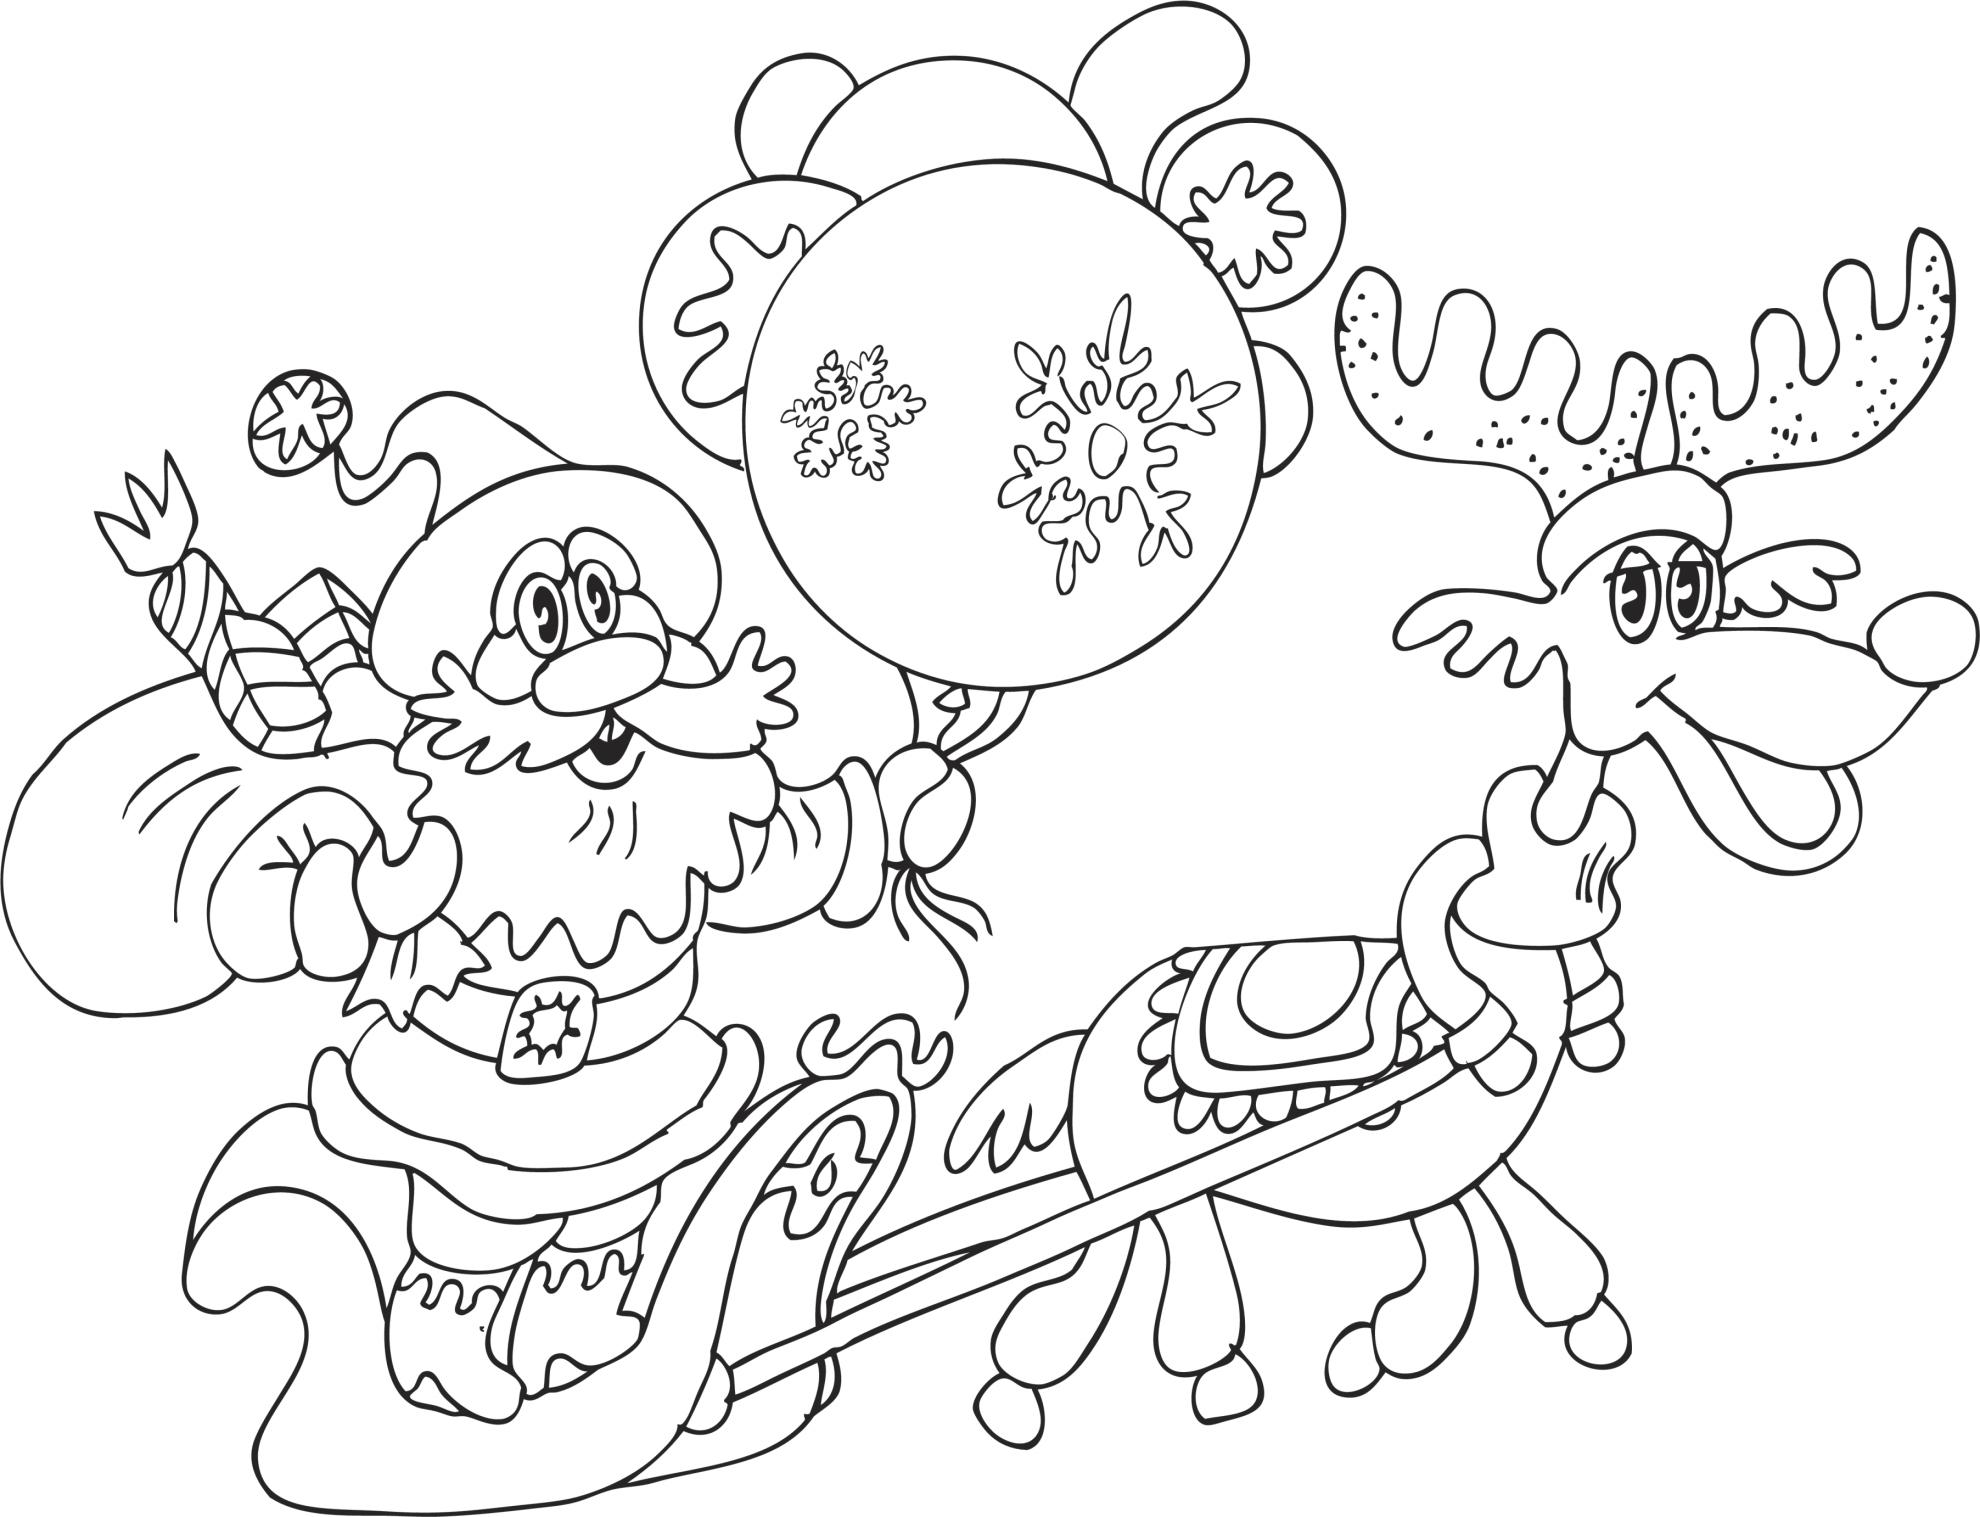 Imagenes De Motivos Navidenos Para Imprimir.Mas De 10 Dibujos De Navidad Para Colorear